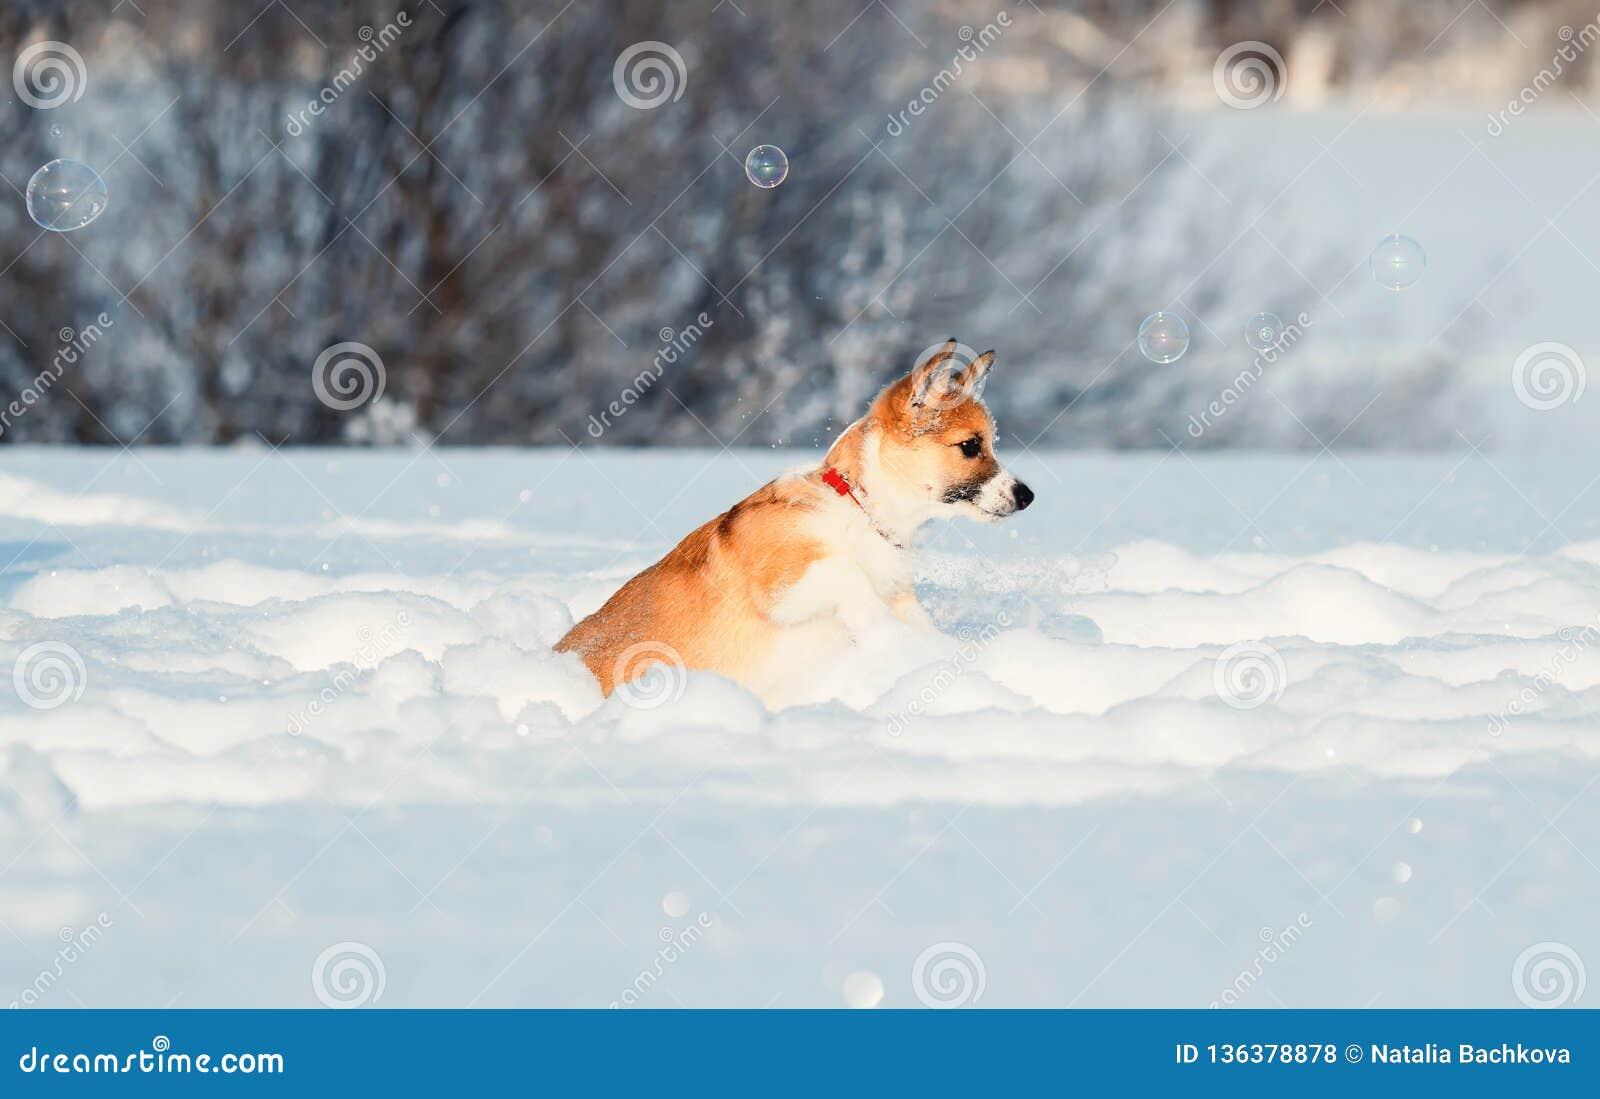 Roliga lås för gullig röd valpCorgi som skimrar härliga bubblor för tvål i vintern Sunny Park som hoppar skickligt i vita snödriv